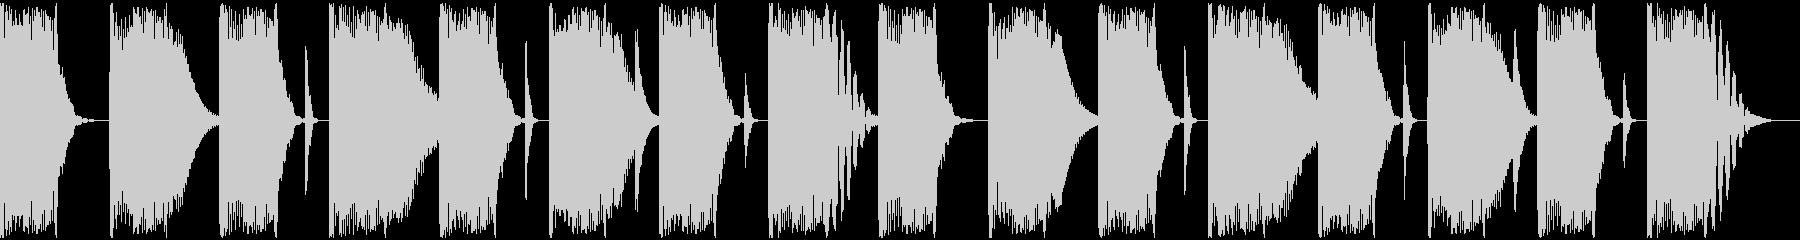 【エレクトロニカ】ロング2、ショート2の未再生の波形